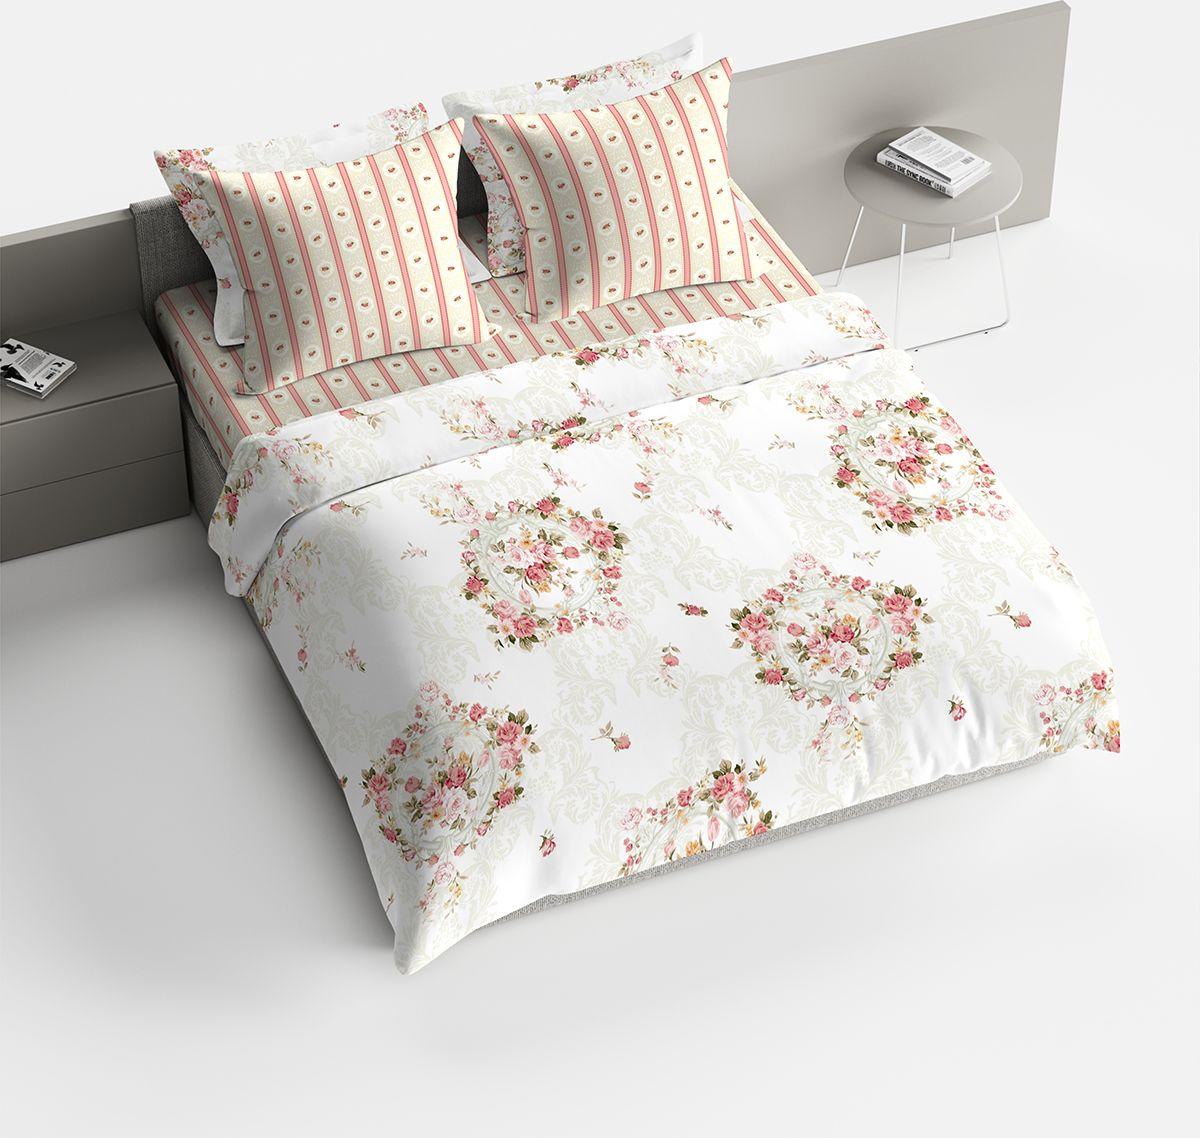 Комплект белья Браво Пробуждение, семейный, наволочки 70x70, цвет: персиковый. 1842-146119